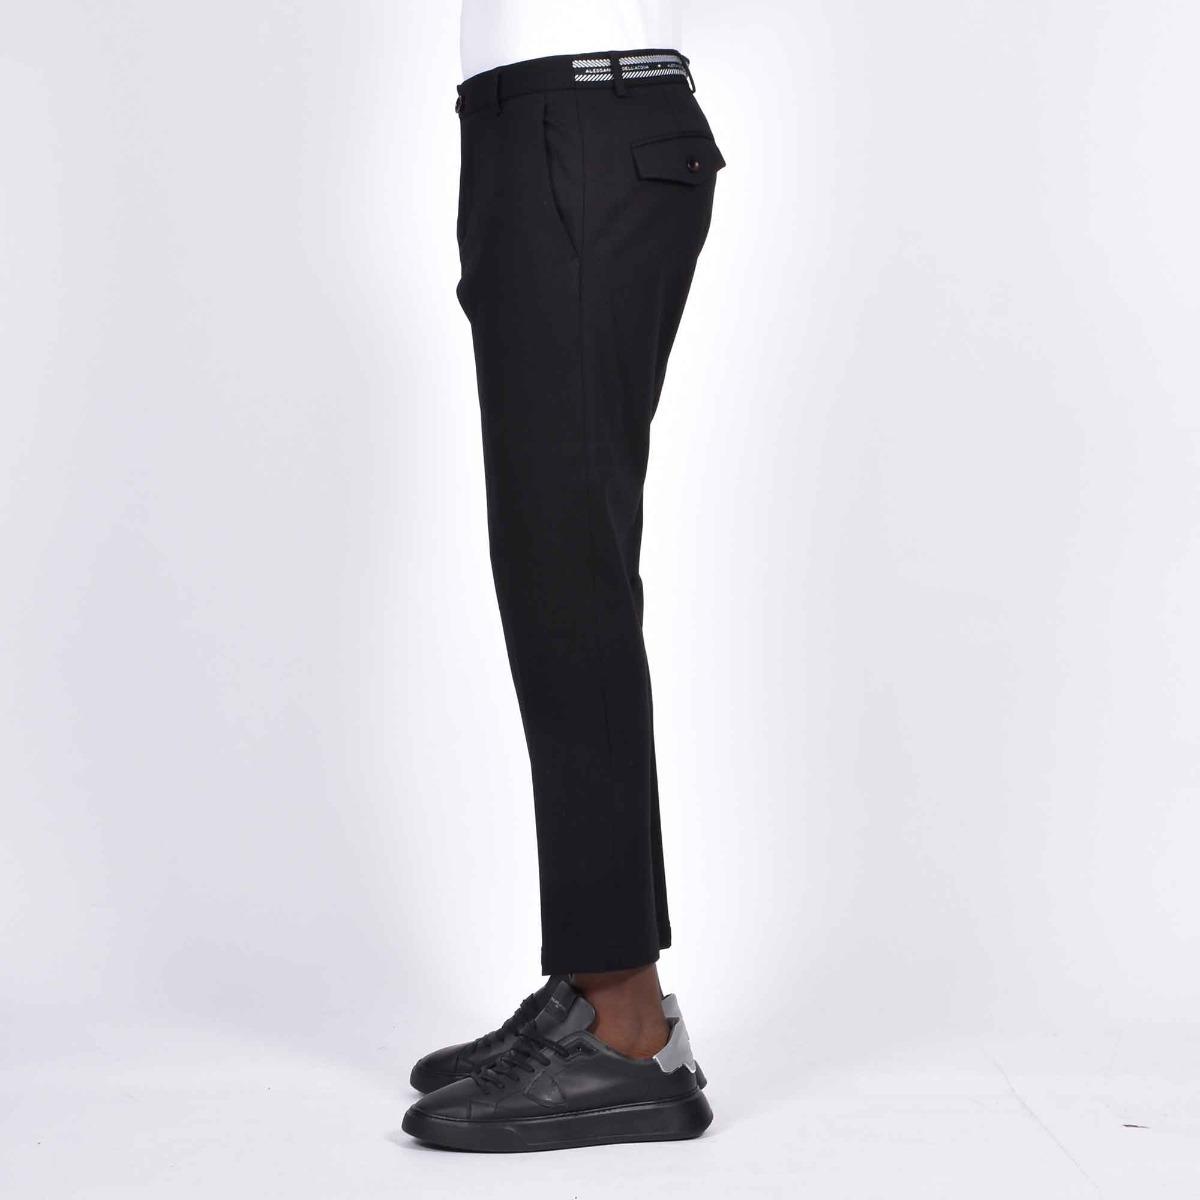 Pantalone punto milano fascia logo - Nero